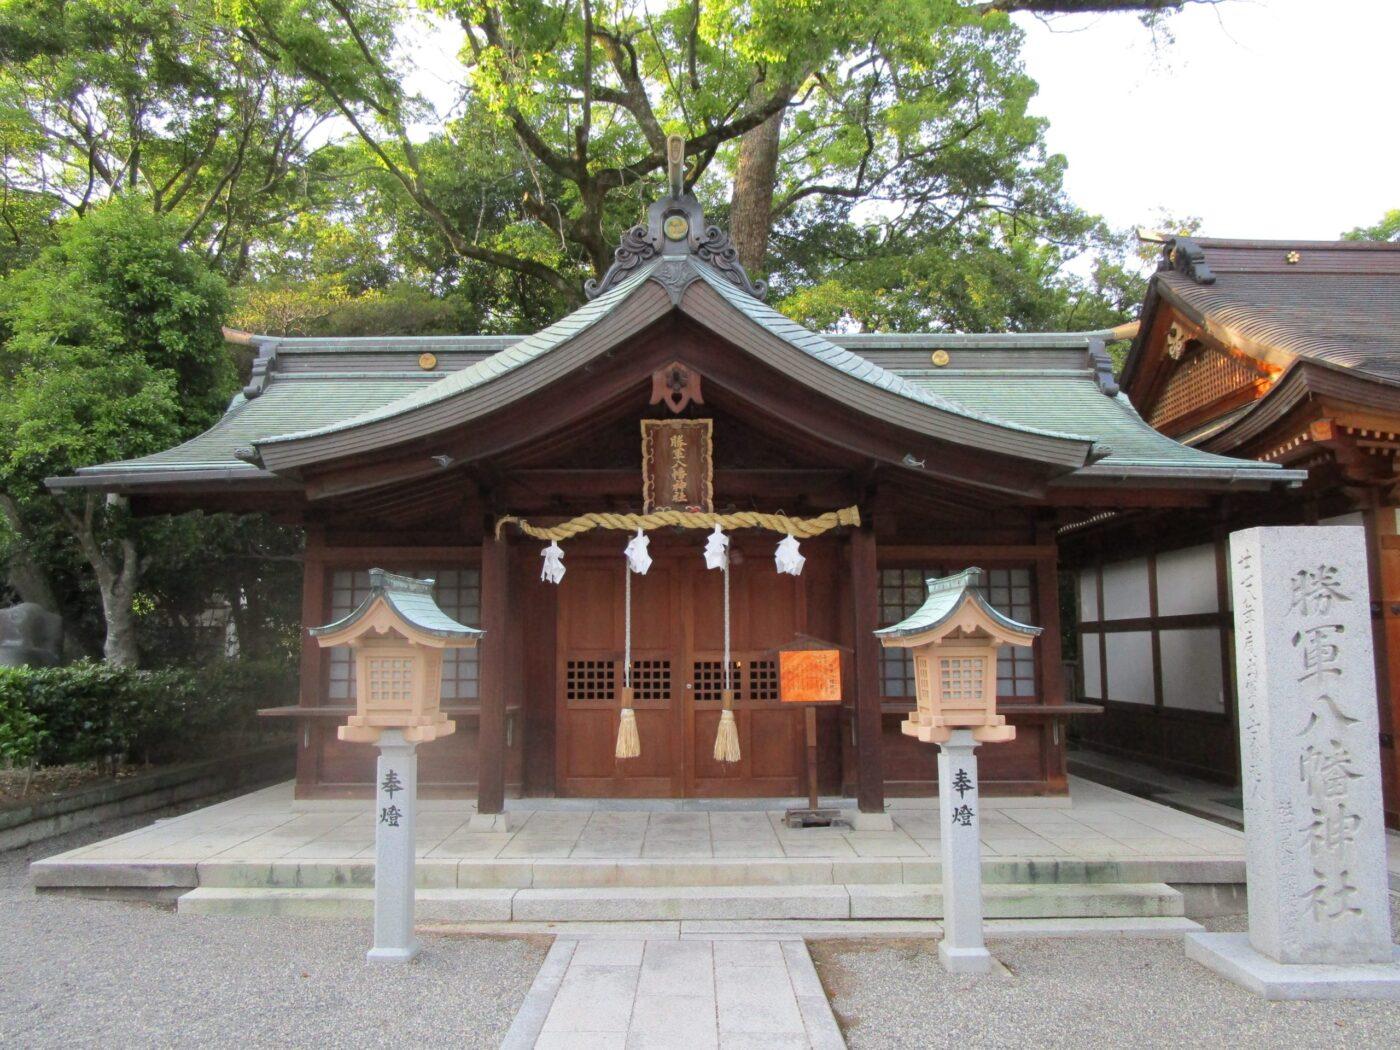 伊豫豆比古命神社-椿神社-の写真